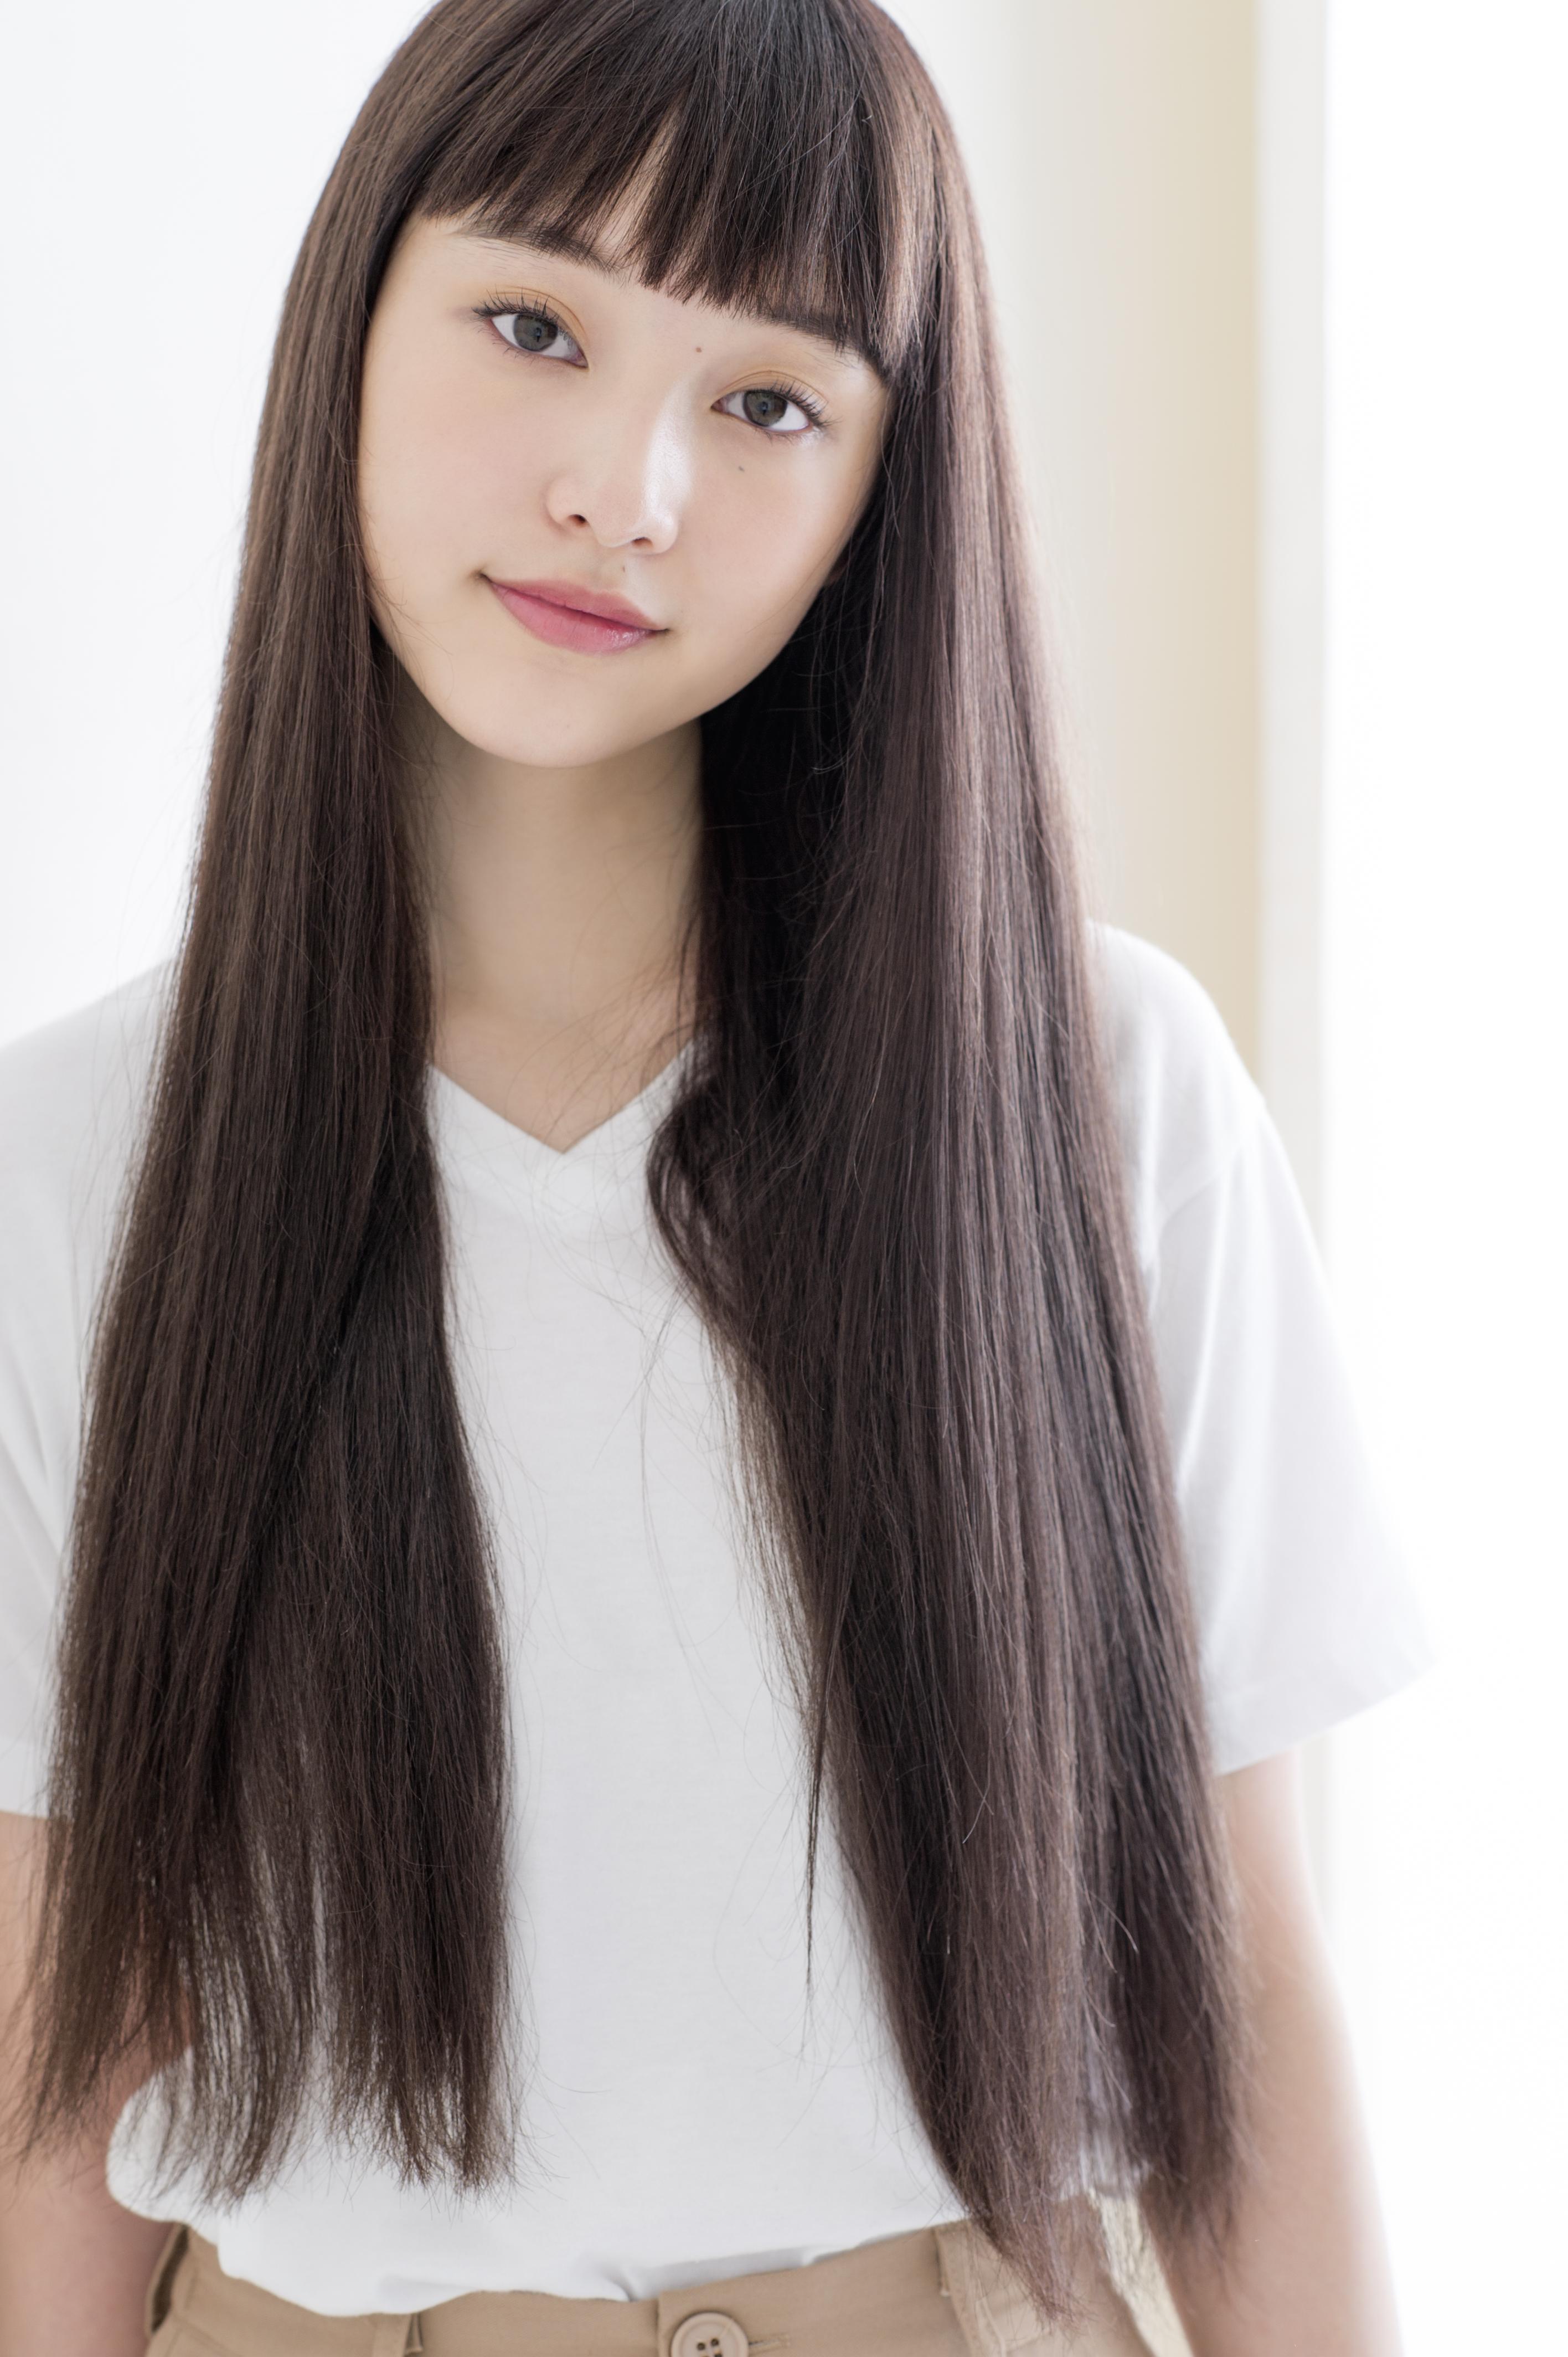 9月11日スカッとジャパン-胸キュンスカッとのかわいい女優は誰?【山田愛奈】